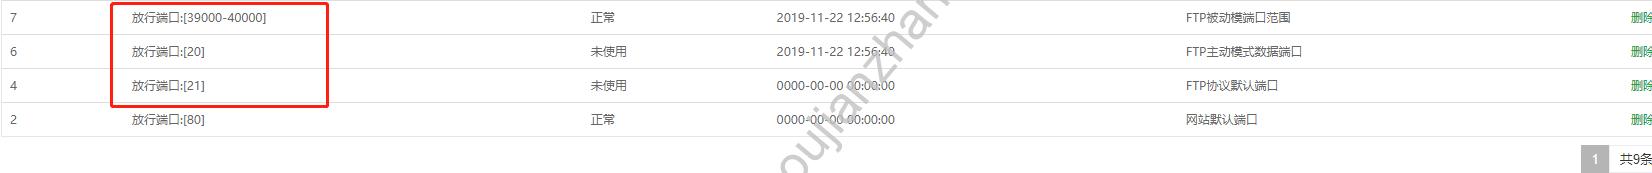 宝塔面板FTP无法连接的解决方案,实测有效